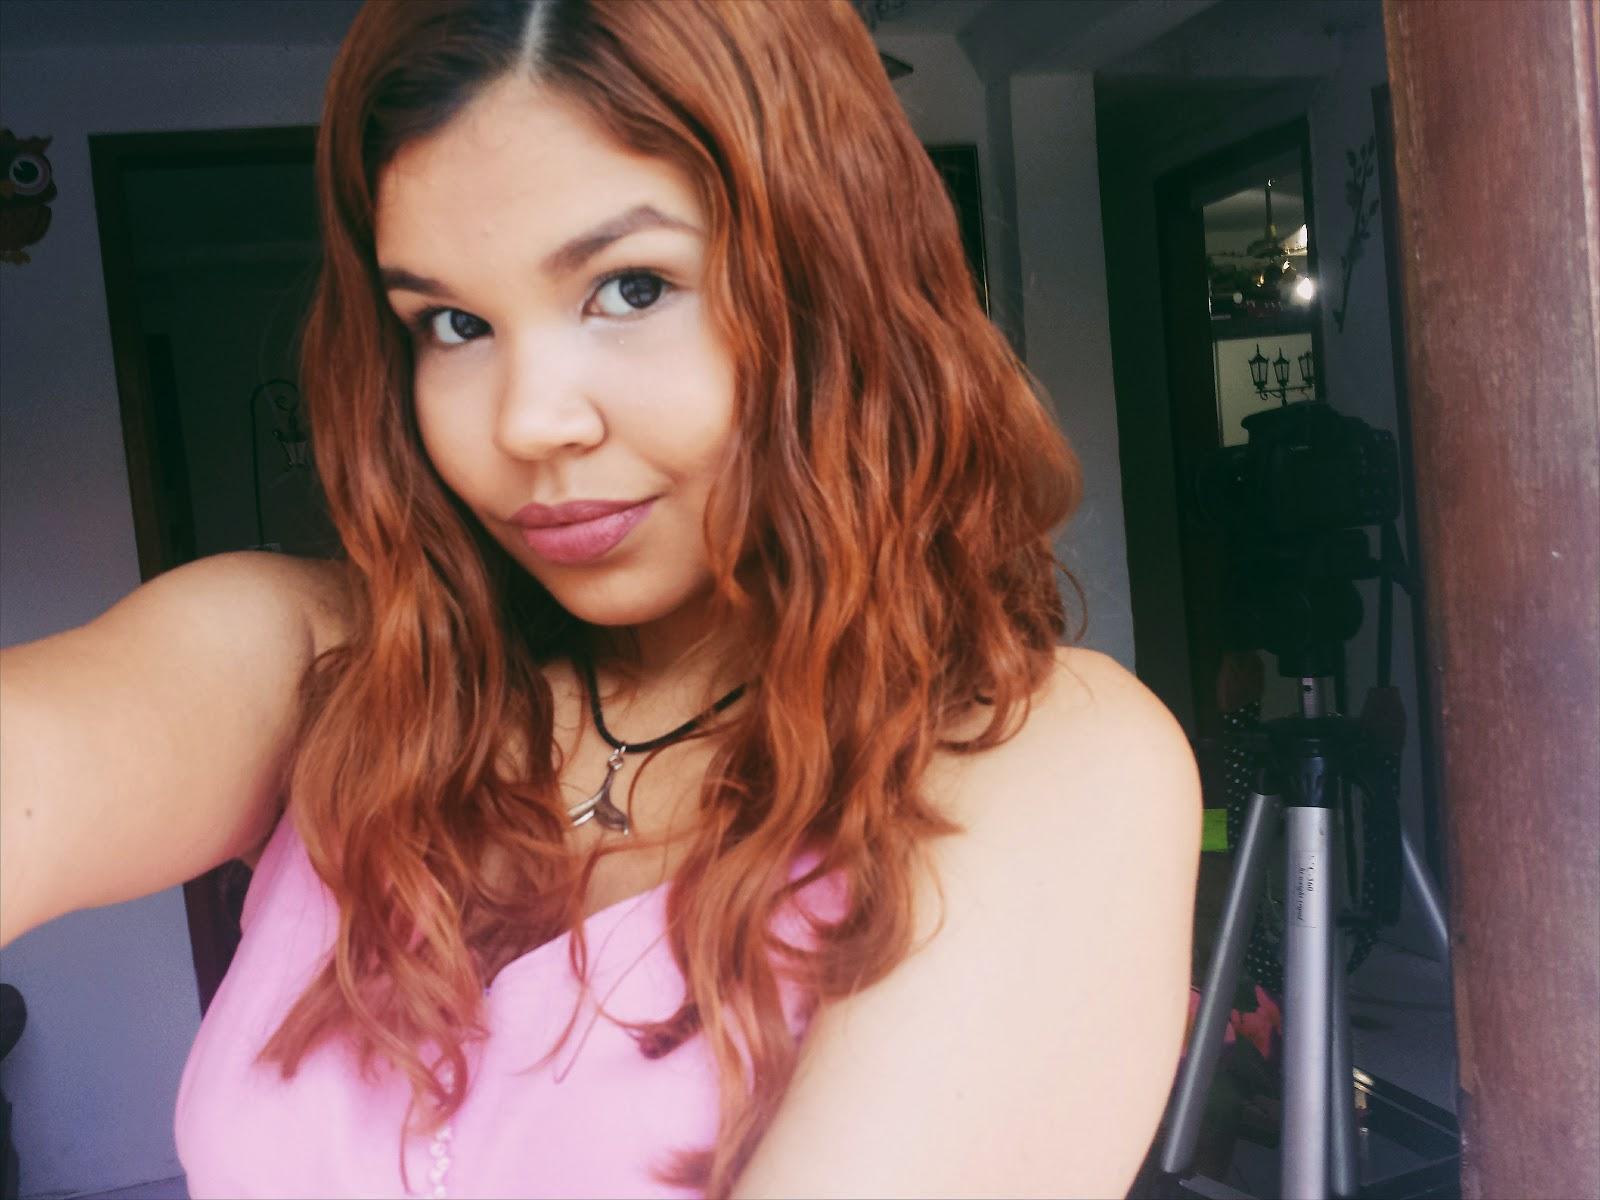 cabelo ondulado, ondas perfeitas, cabelo ondulado natural, cabelo tipo 2a, cabelo indefinido, ingrid gleize, blogueira ondulada, blogueira ruiva